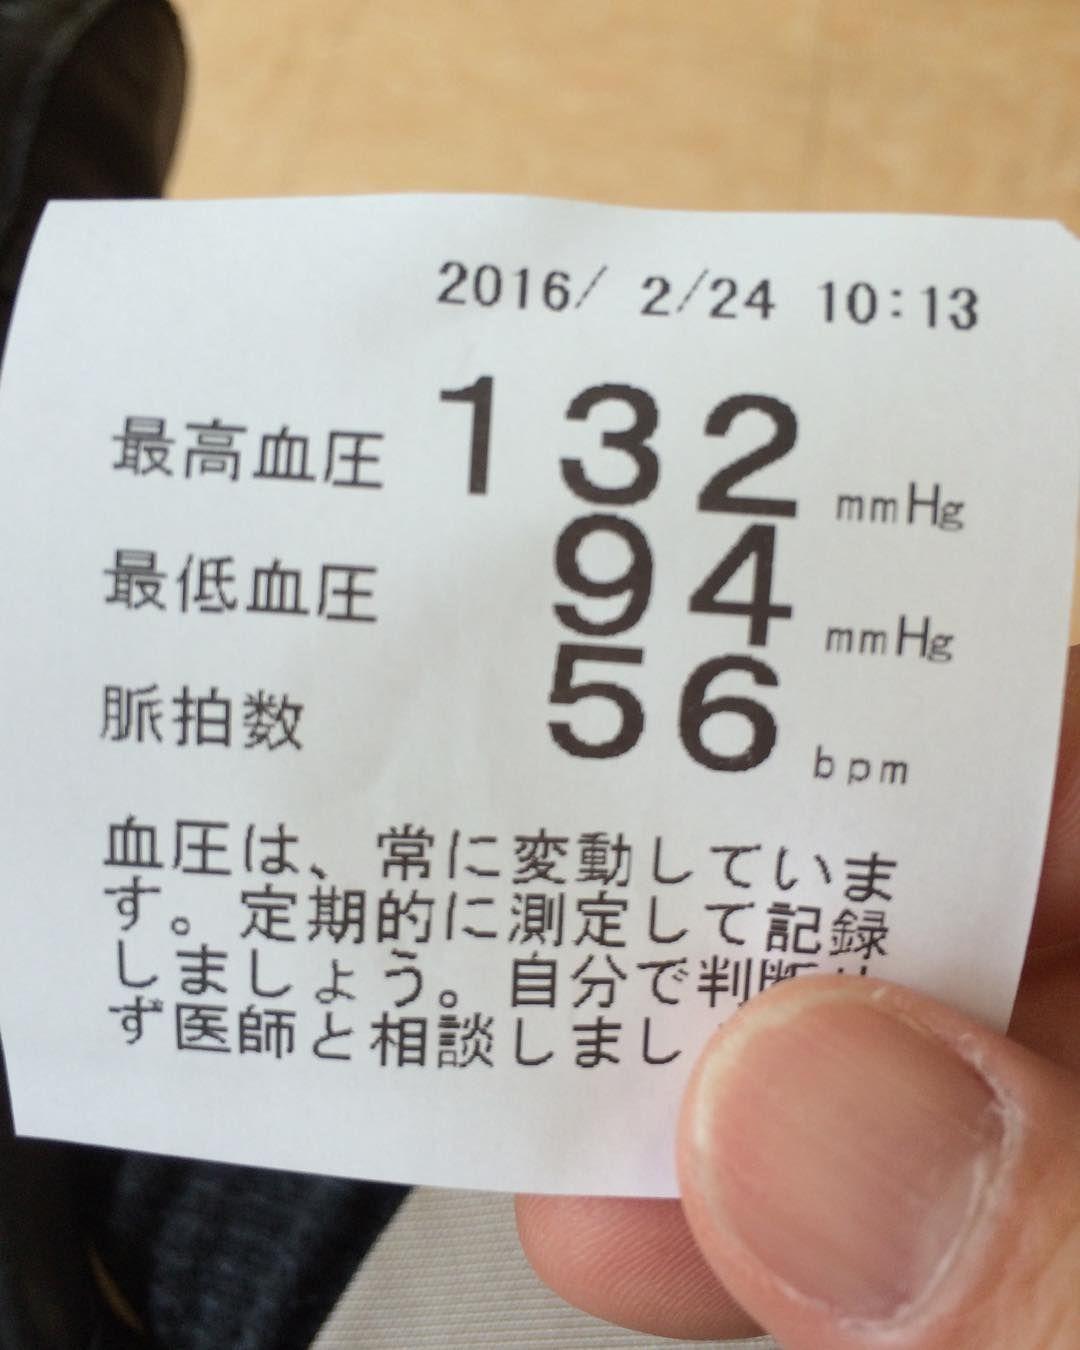 ちょっと高い by hayashitomohiko